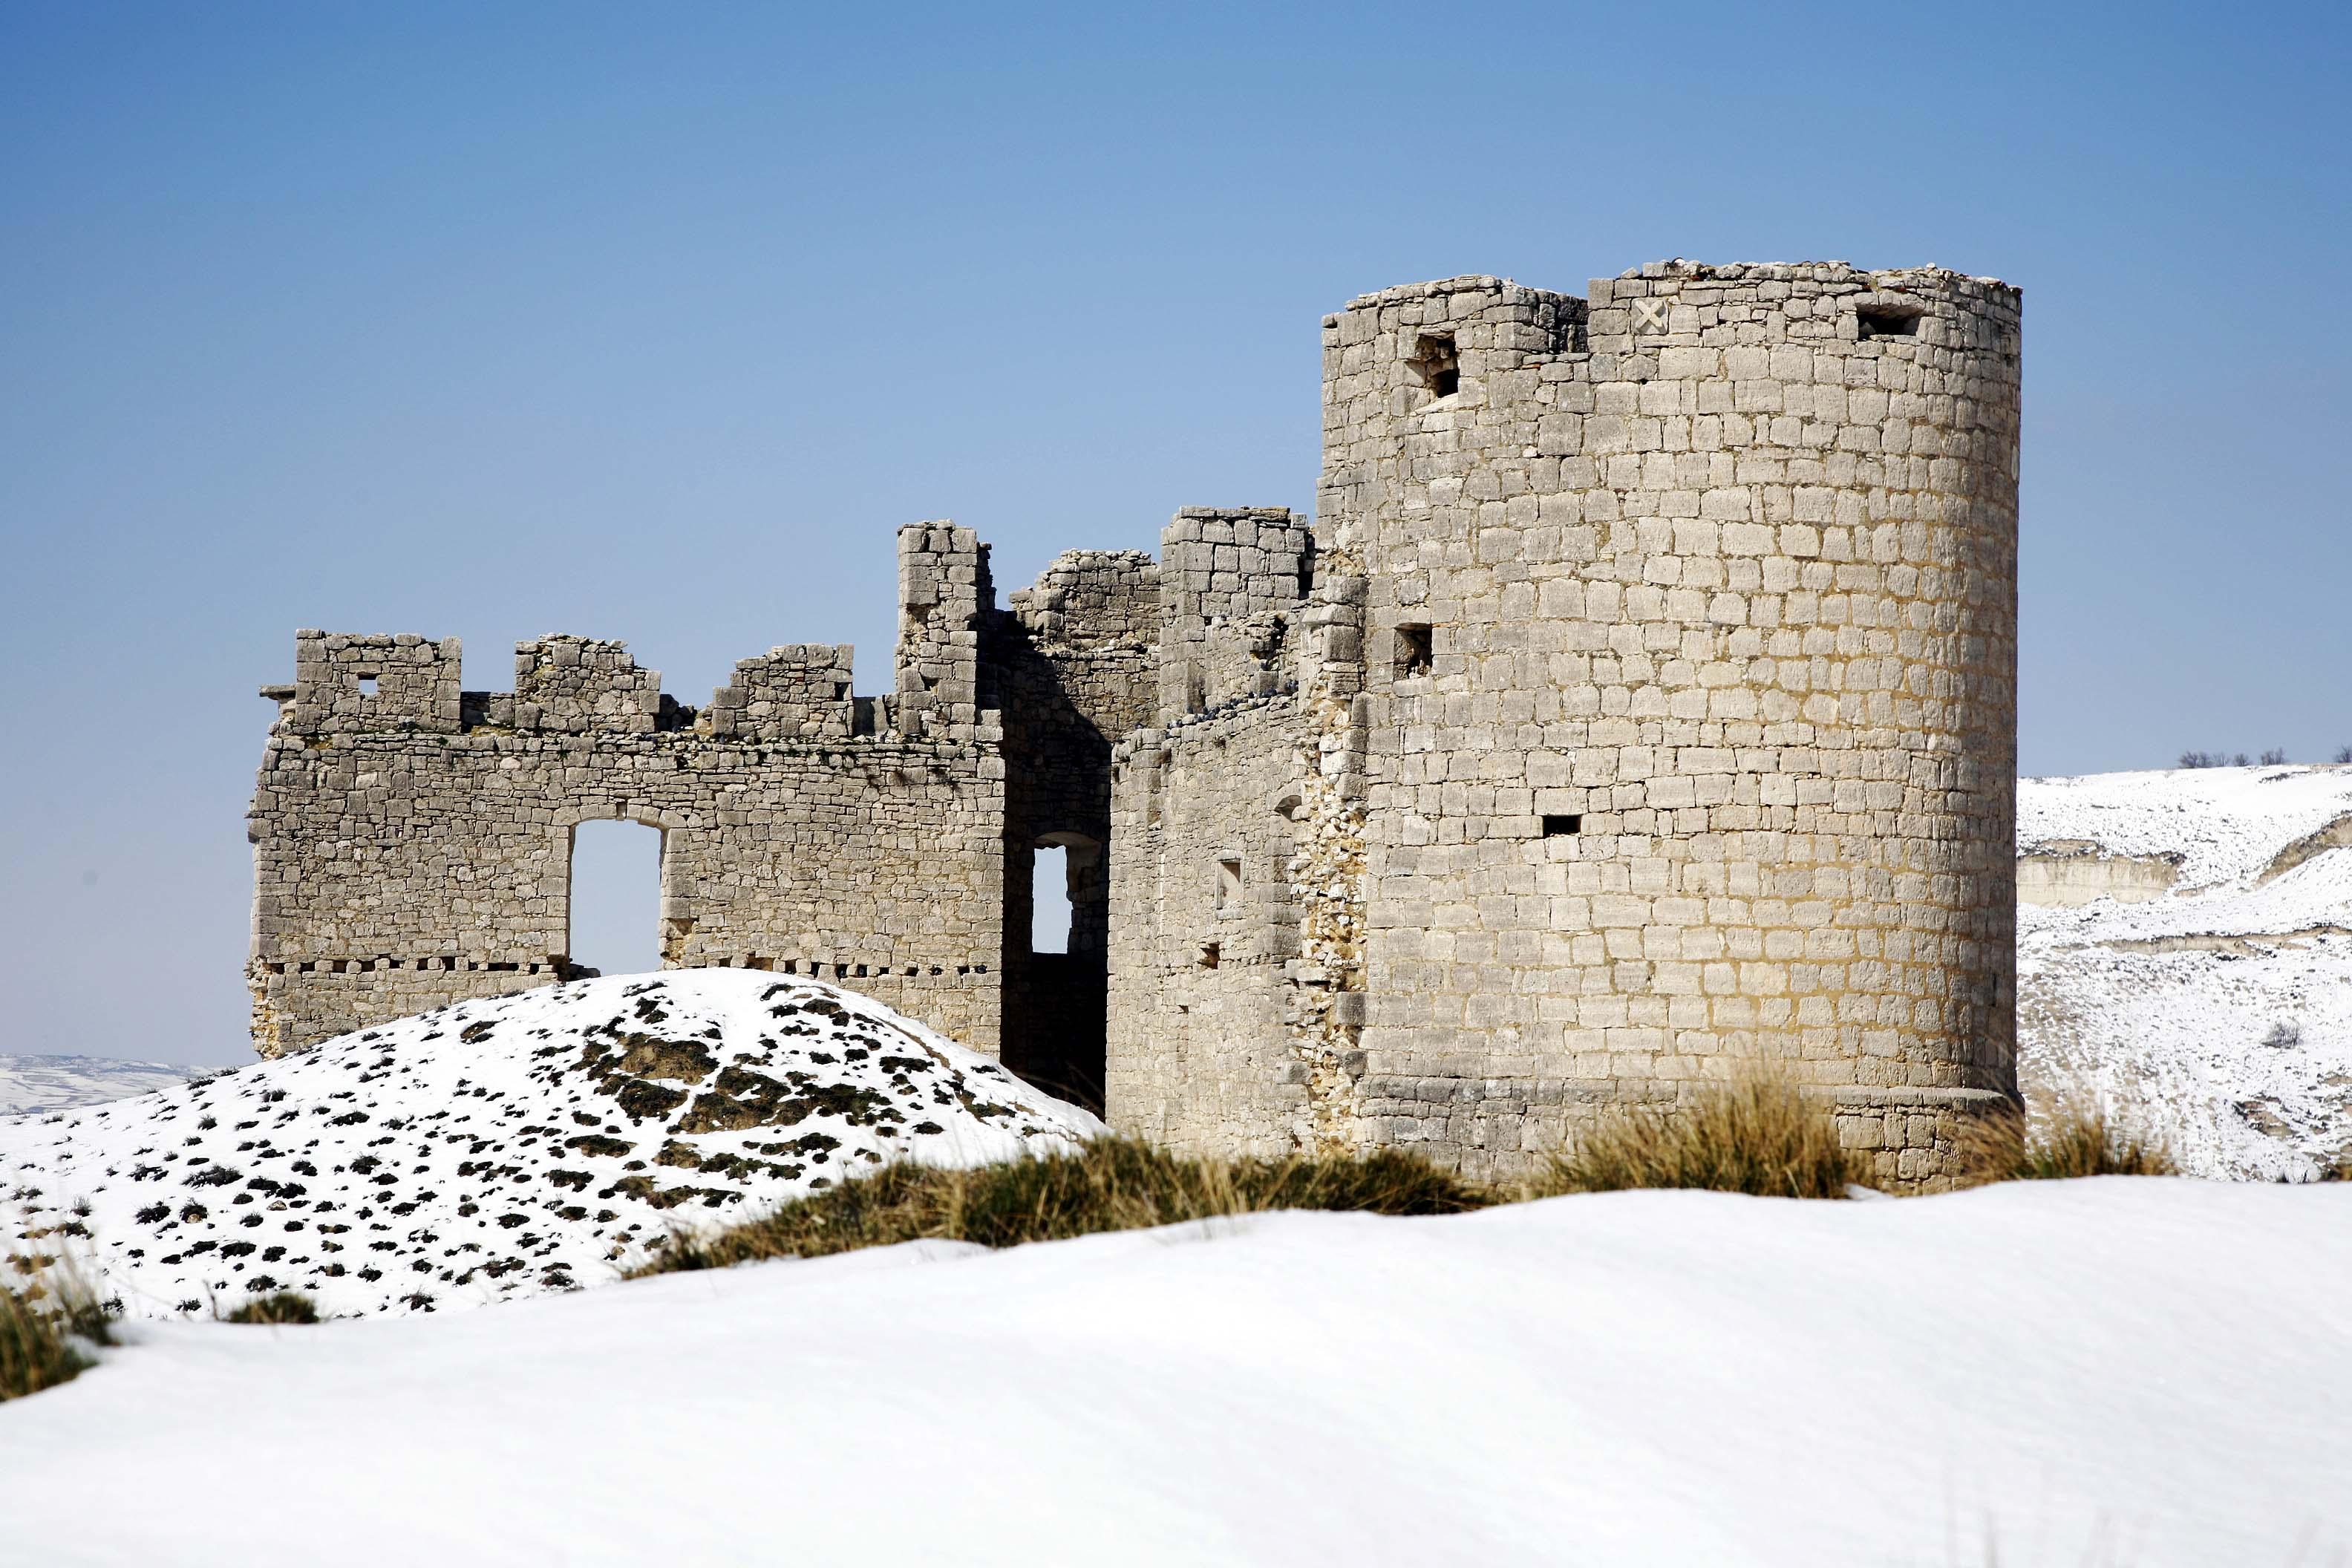 Hornillos Nieve-Castillo